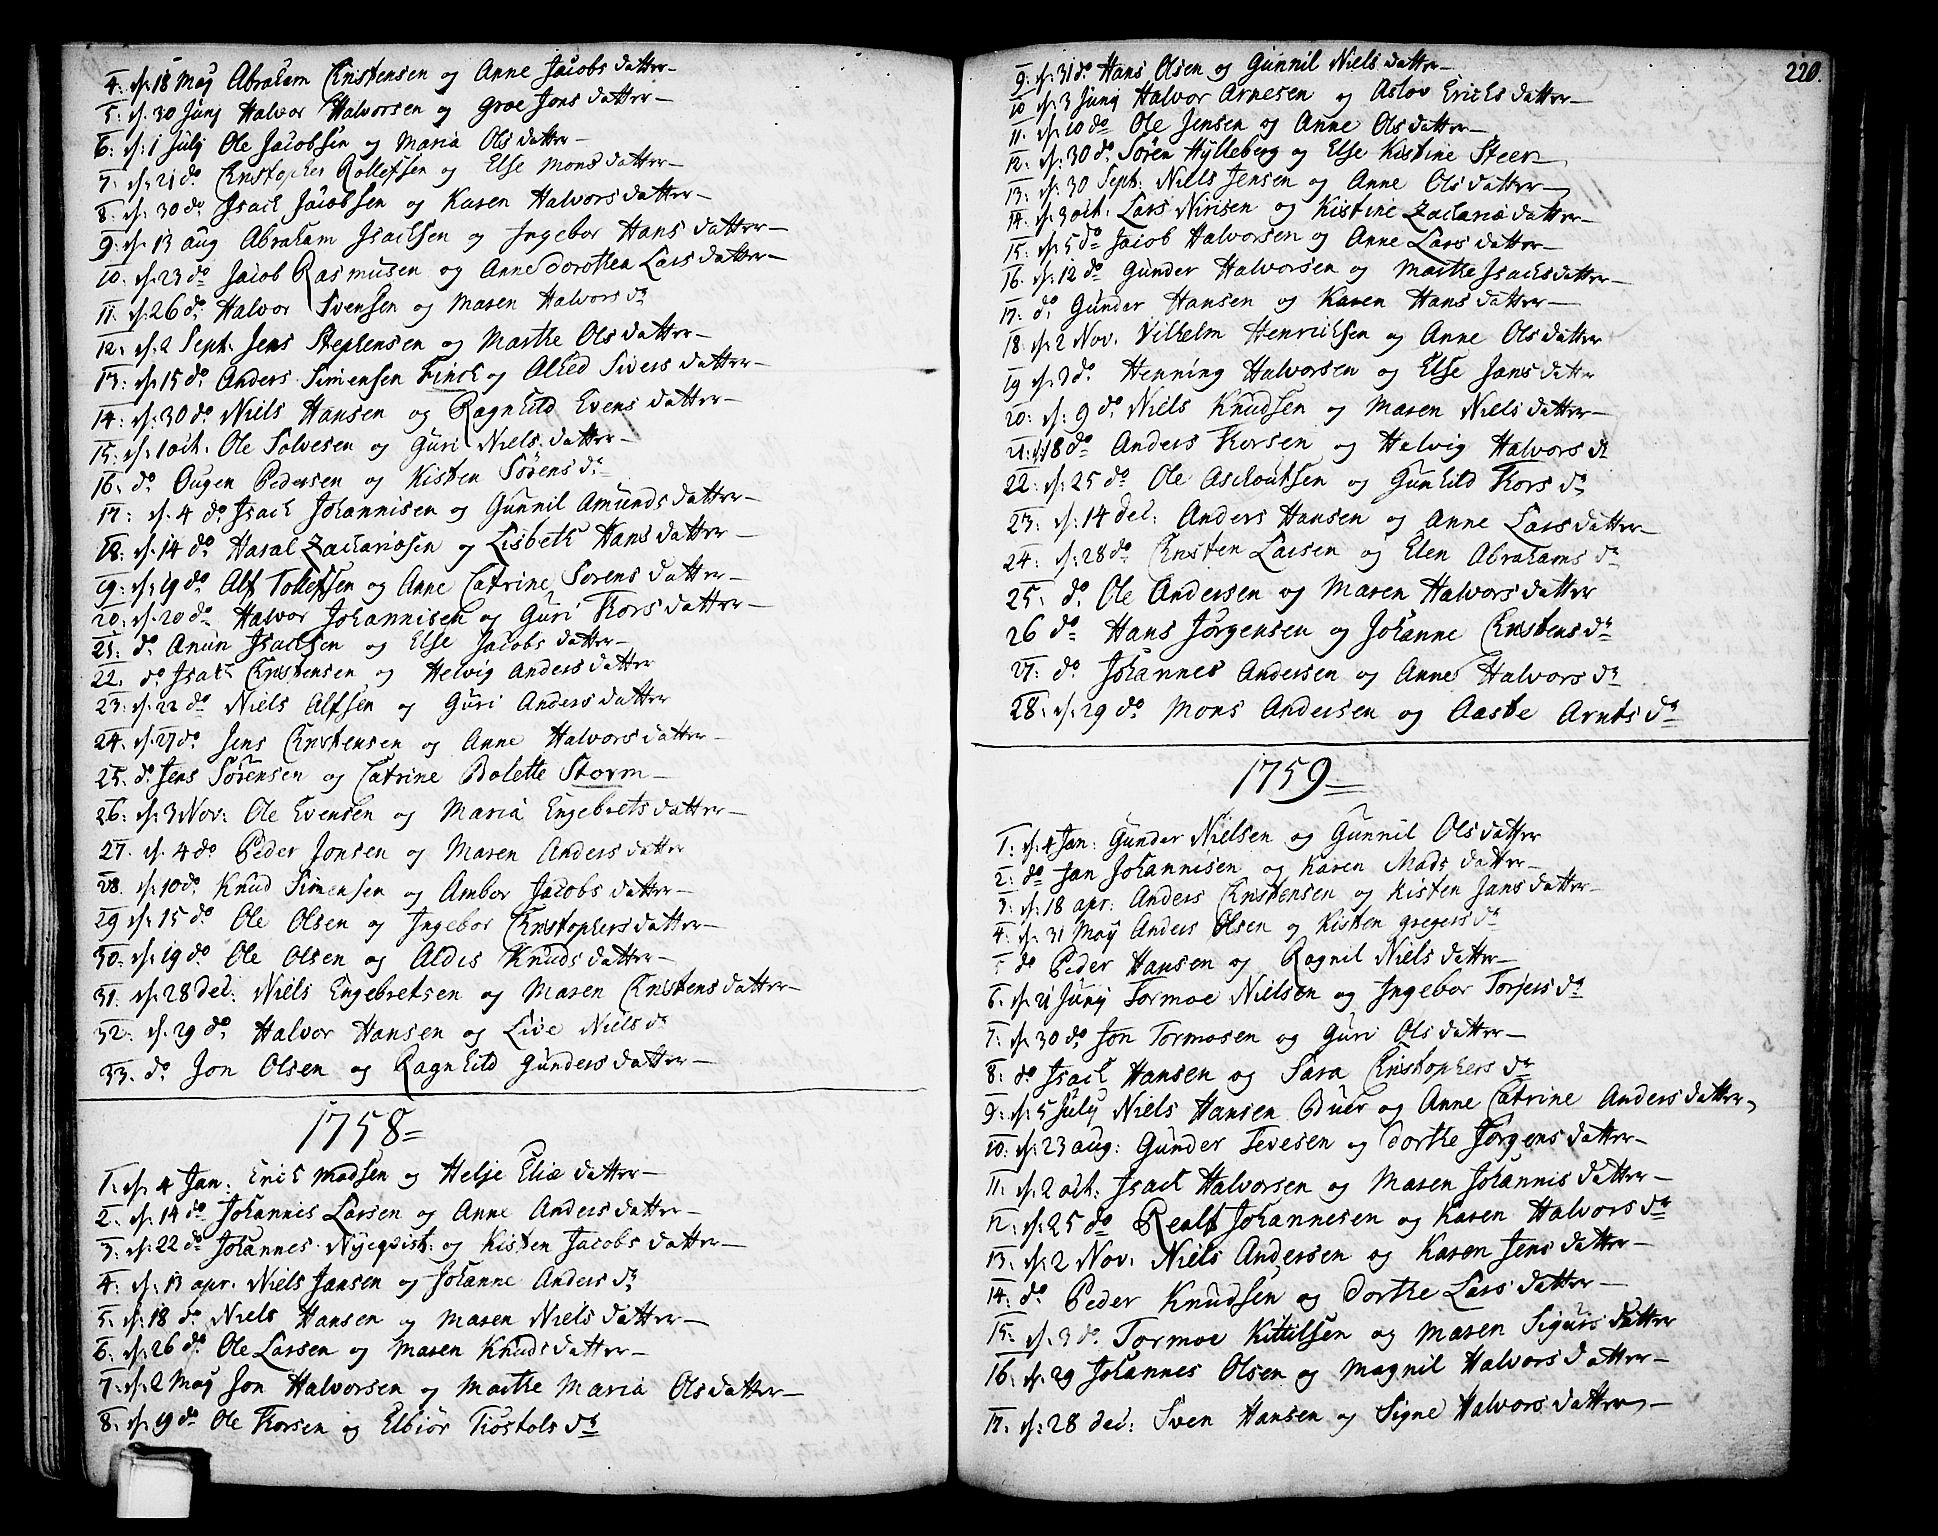 SAKO, Gjerpen kirkebøker, F/Fa/L0002: Ministerialbok nr. 2, 1747-1795, s. 220